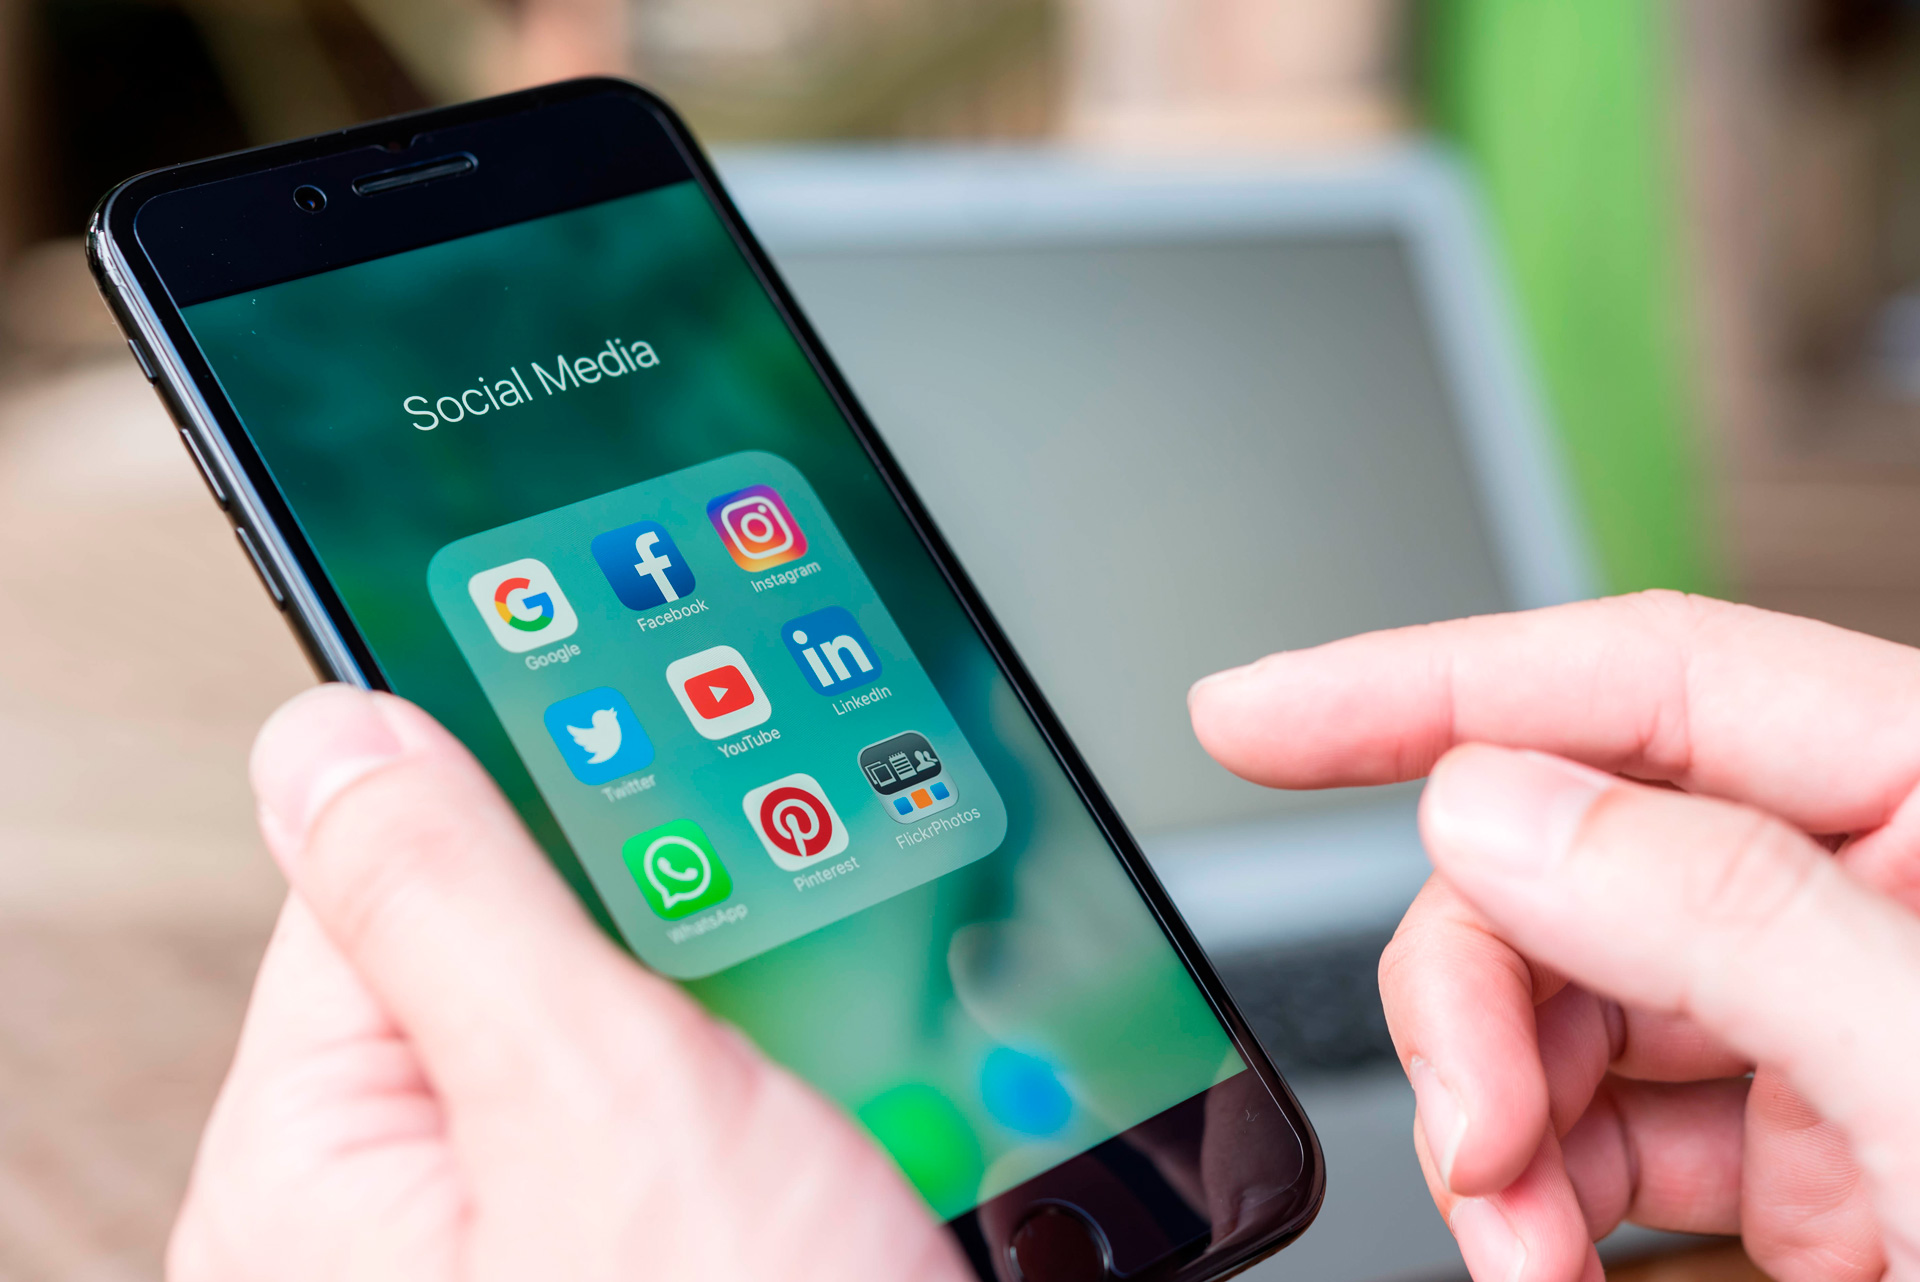 Sabath Media Blog - Social Media Trends 2019 - Bild 1